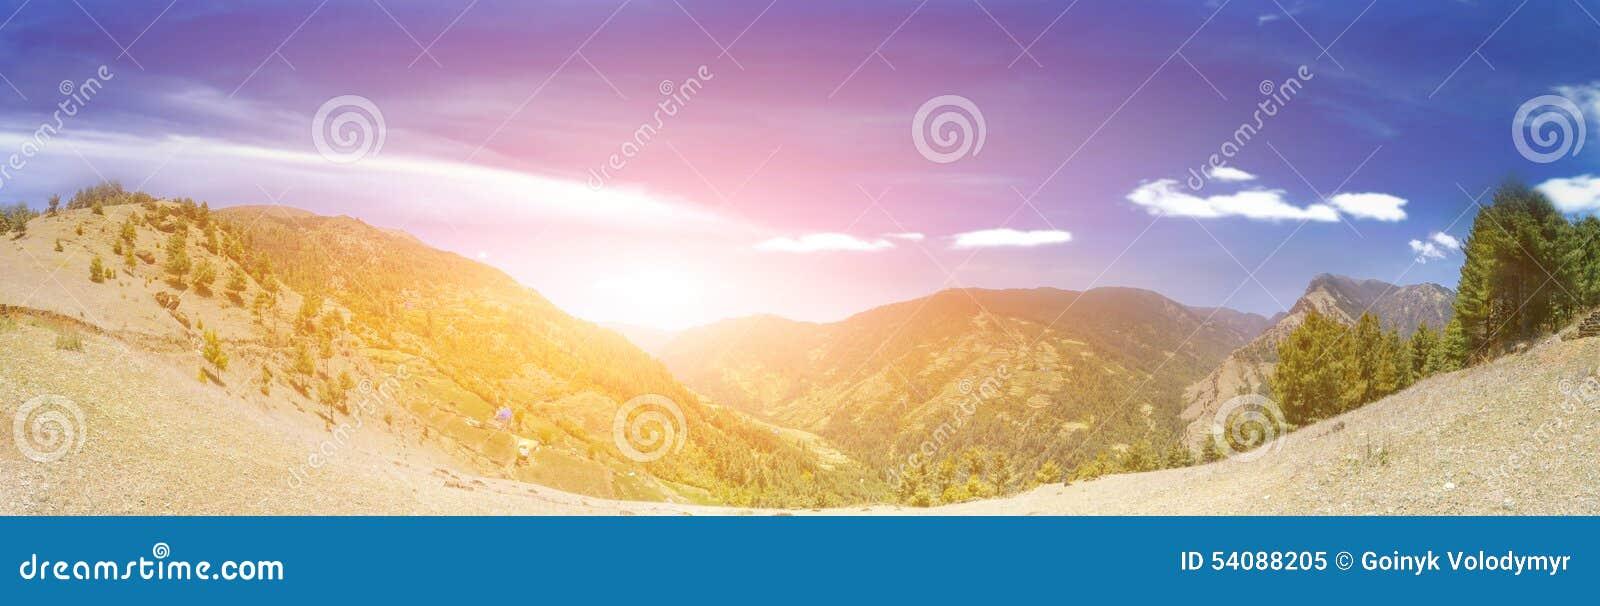 Het mooie Landschap van de Berg